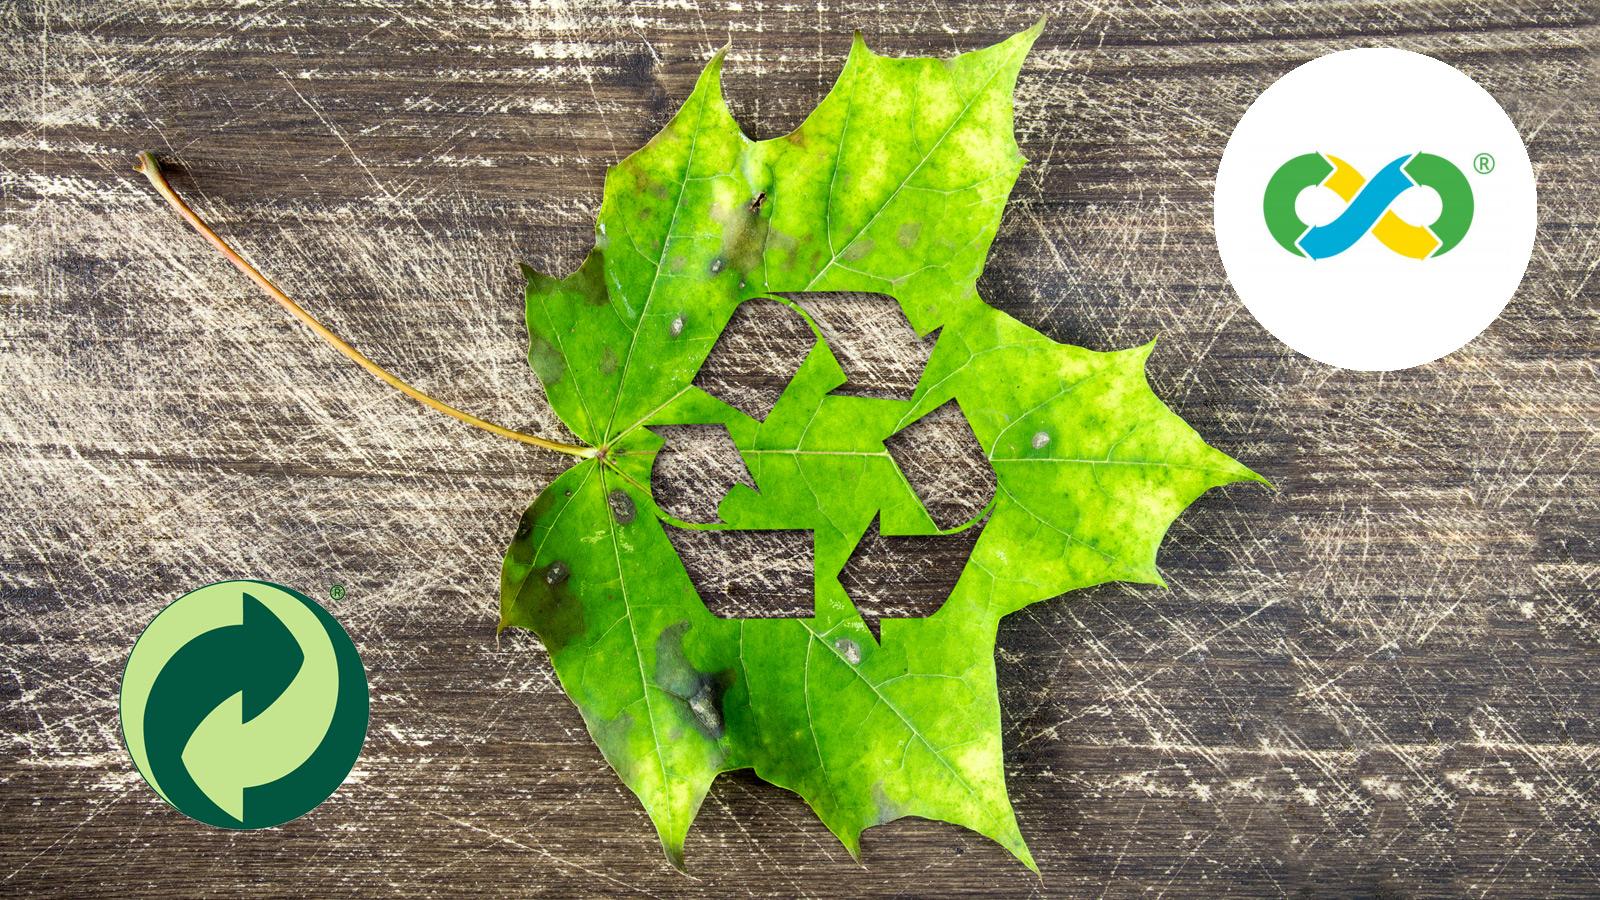 Novo Verde O Novo Simbolo Das Embalagens